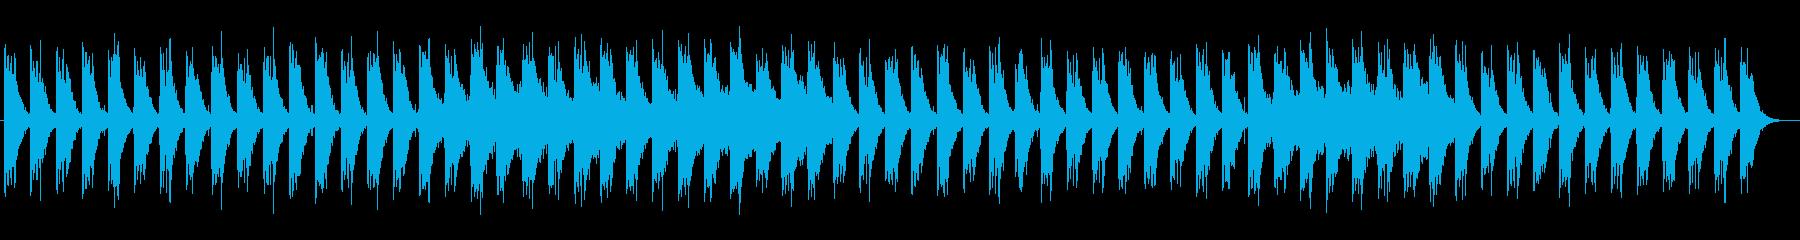 空気感のあるシンセサイザーのループ曲の再生済みの波形